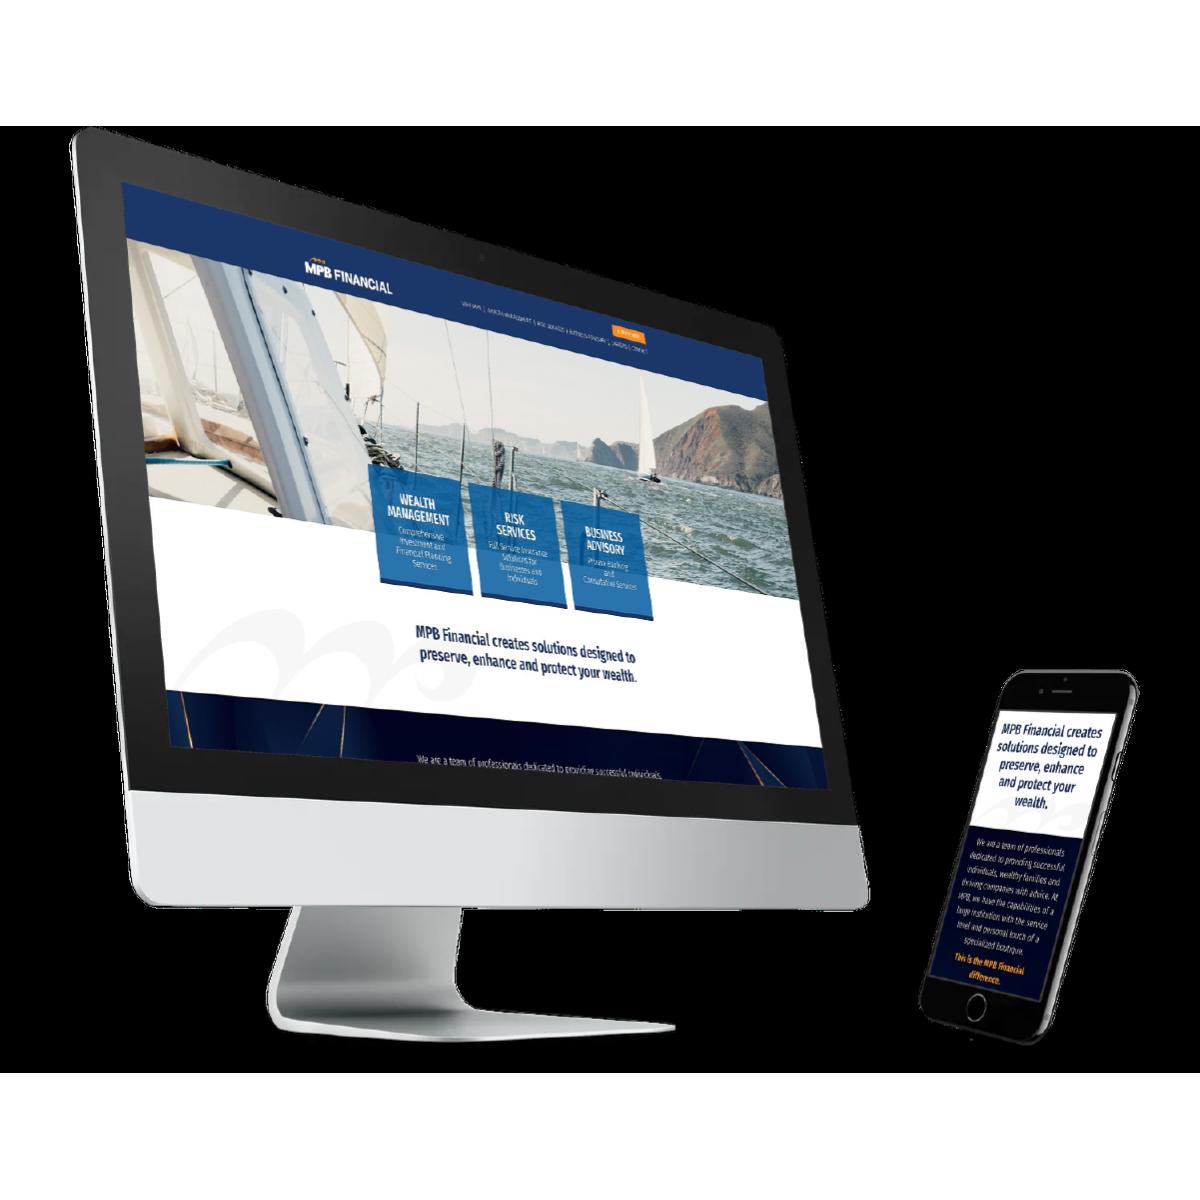 desktop and mobile website design for MPB Financial